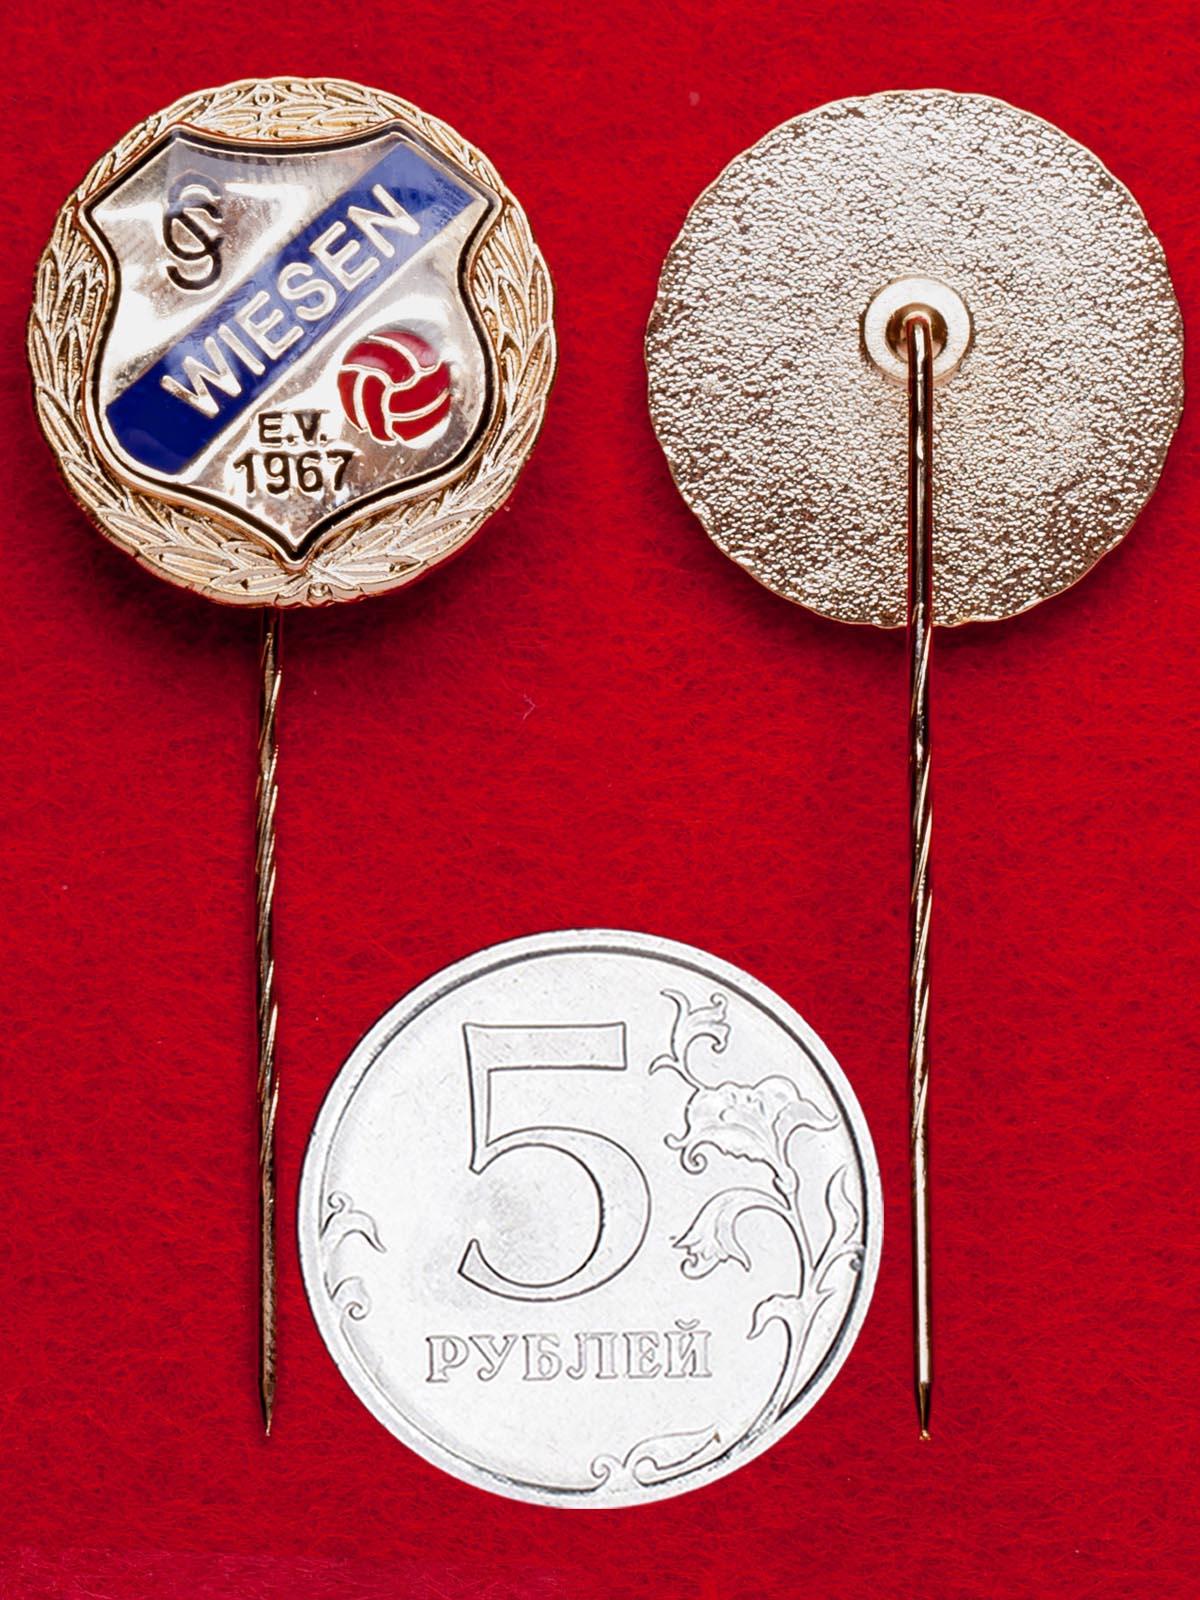 """Значок футбольного клуба """"Визен 1967"""", Германия (золото)"""